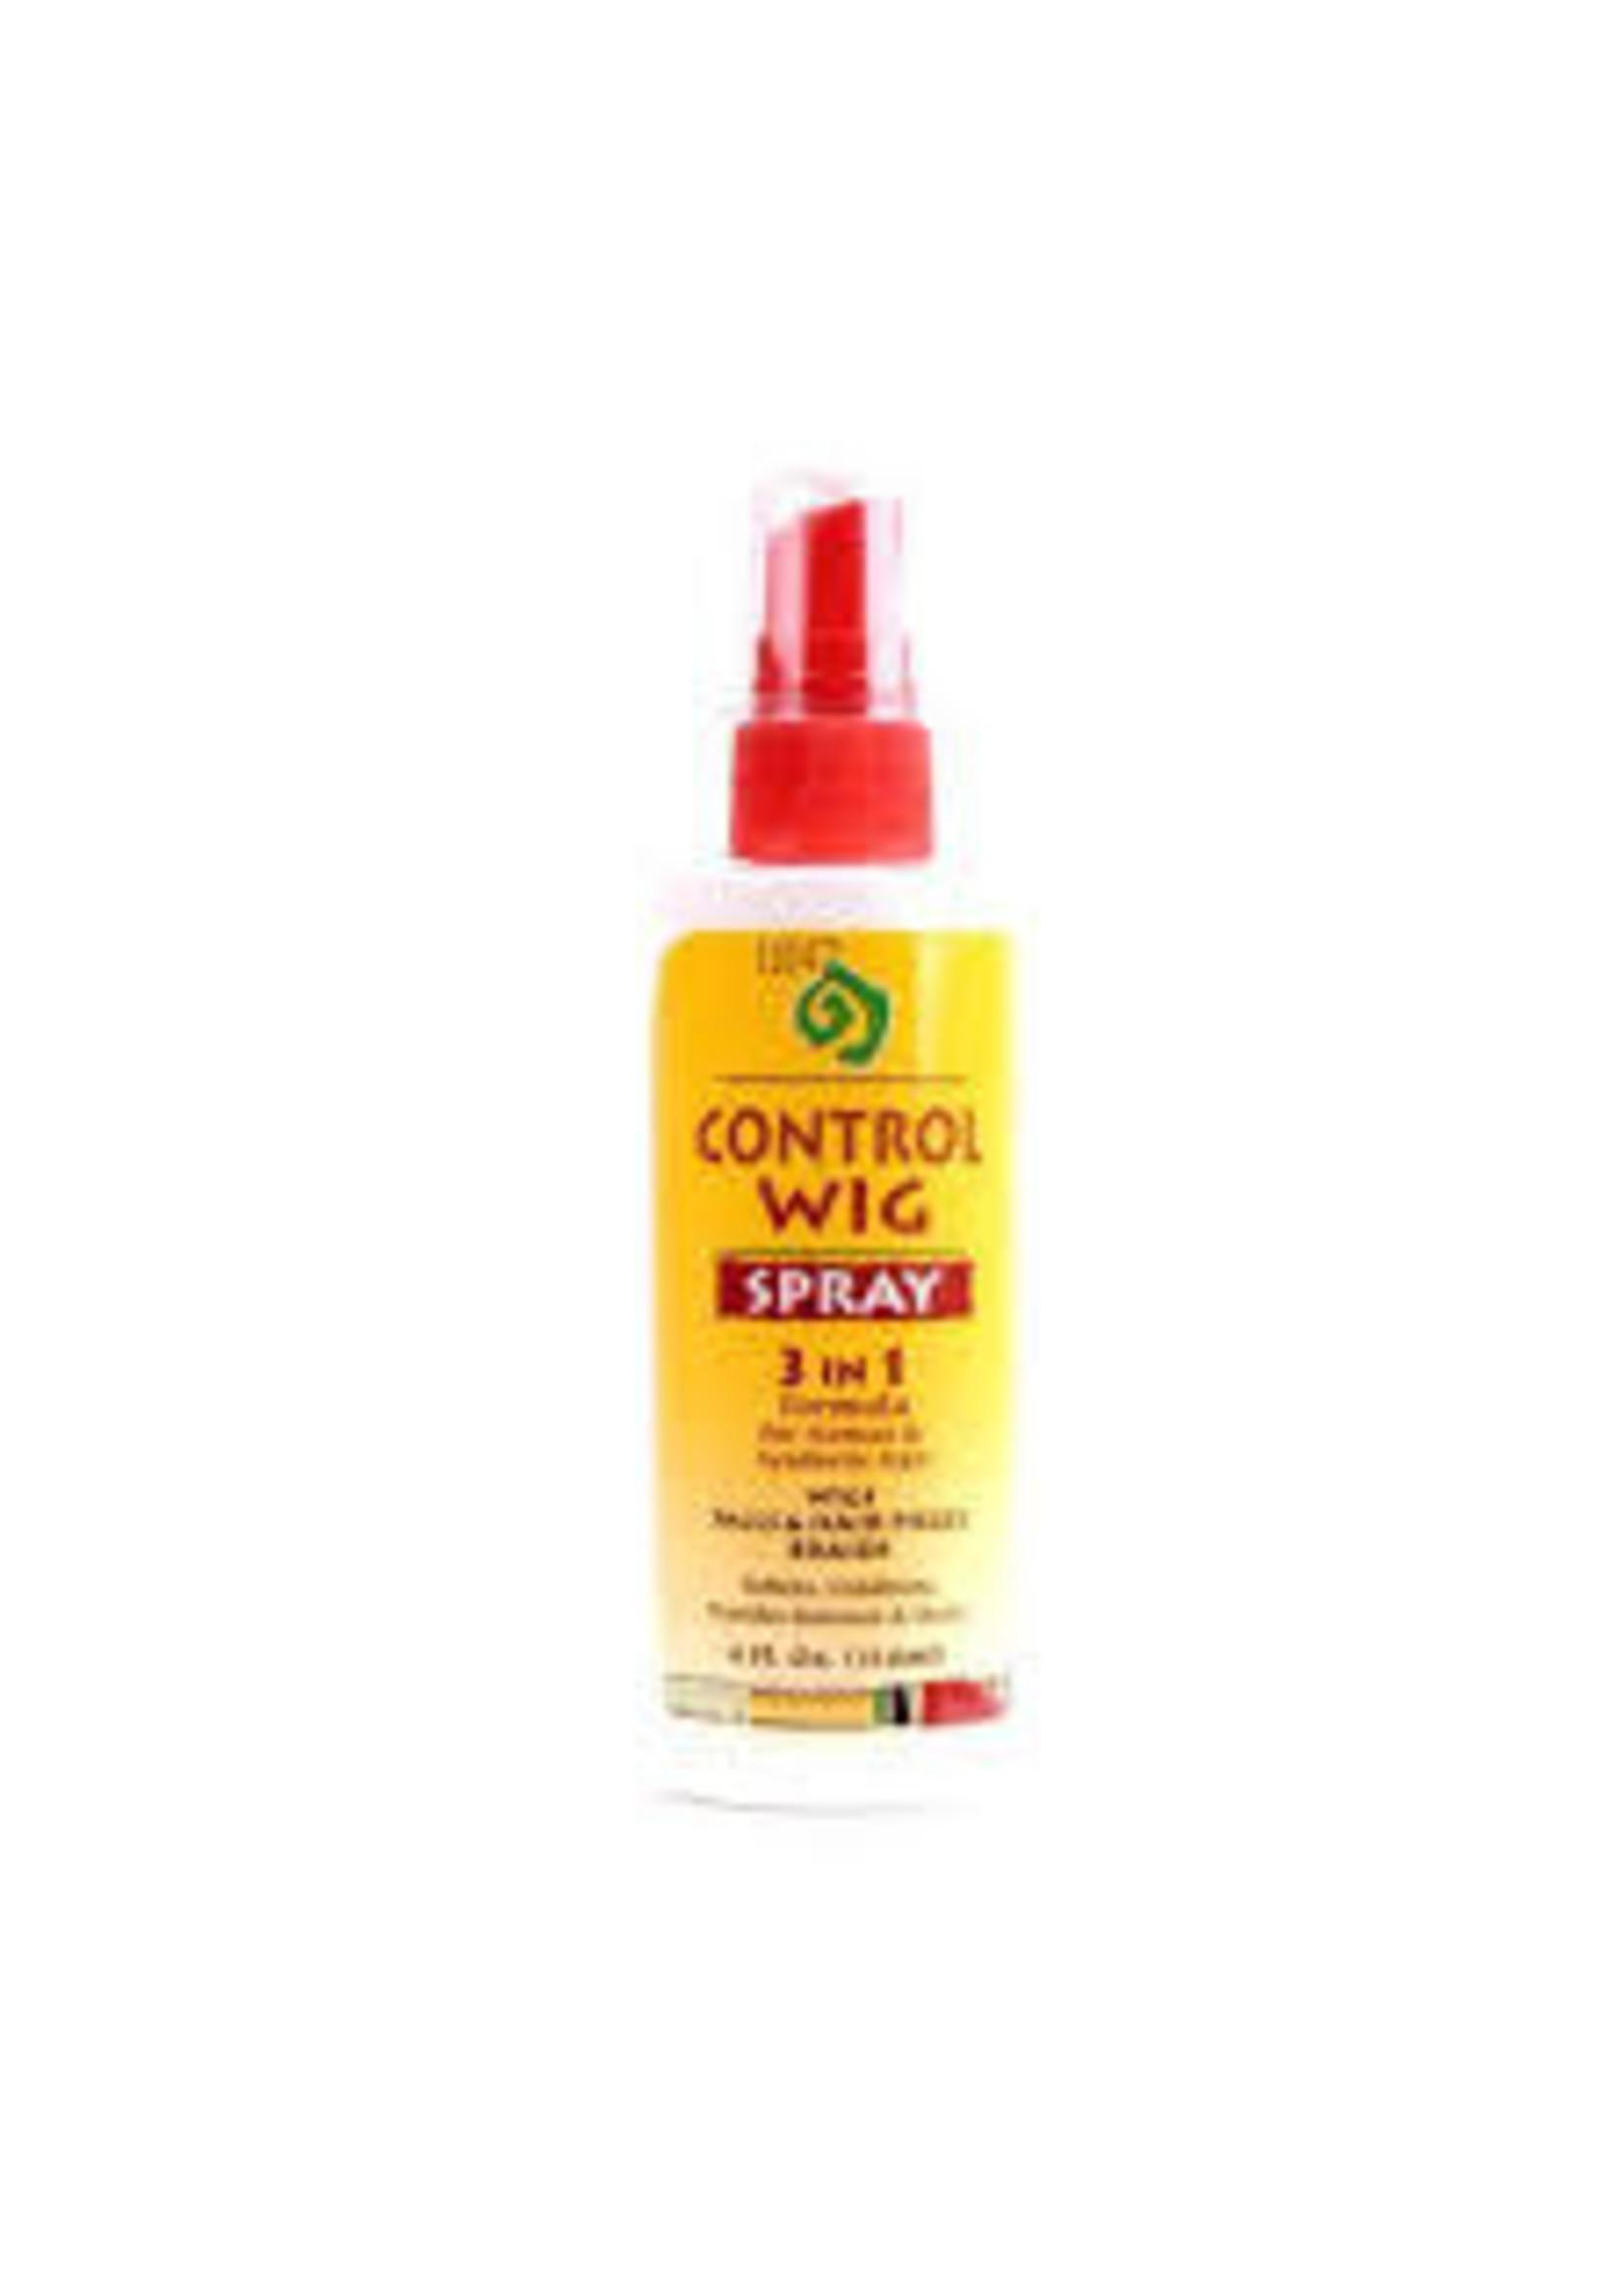 Control Wig Spray 3n1